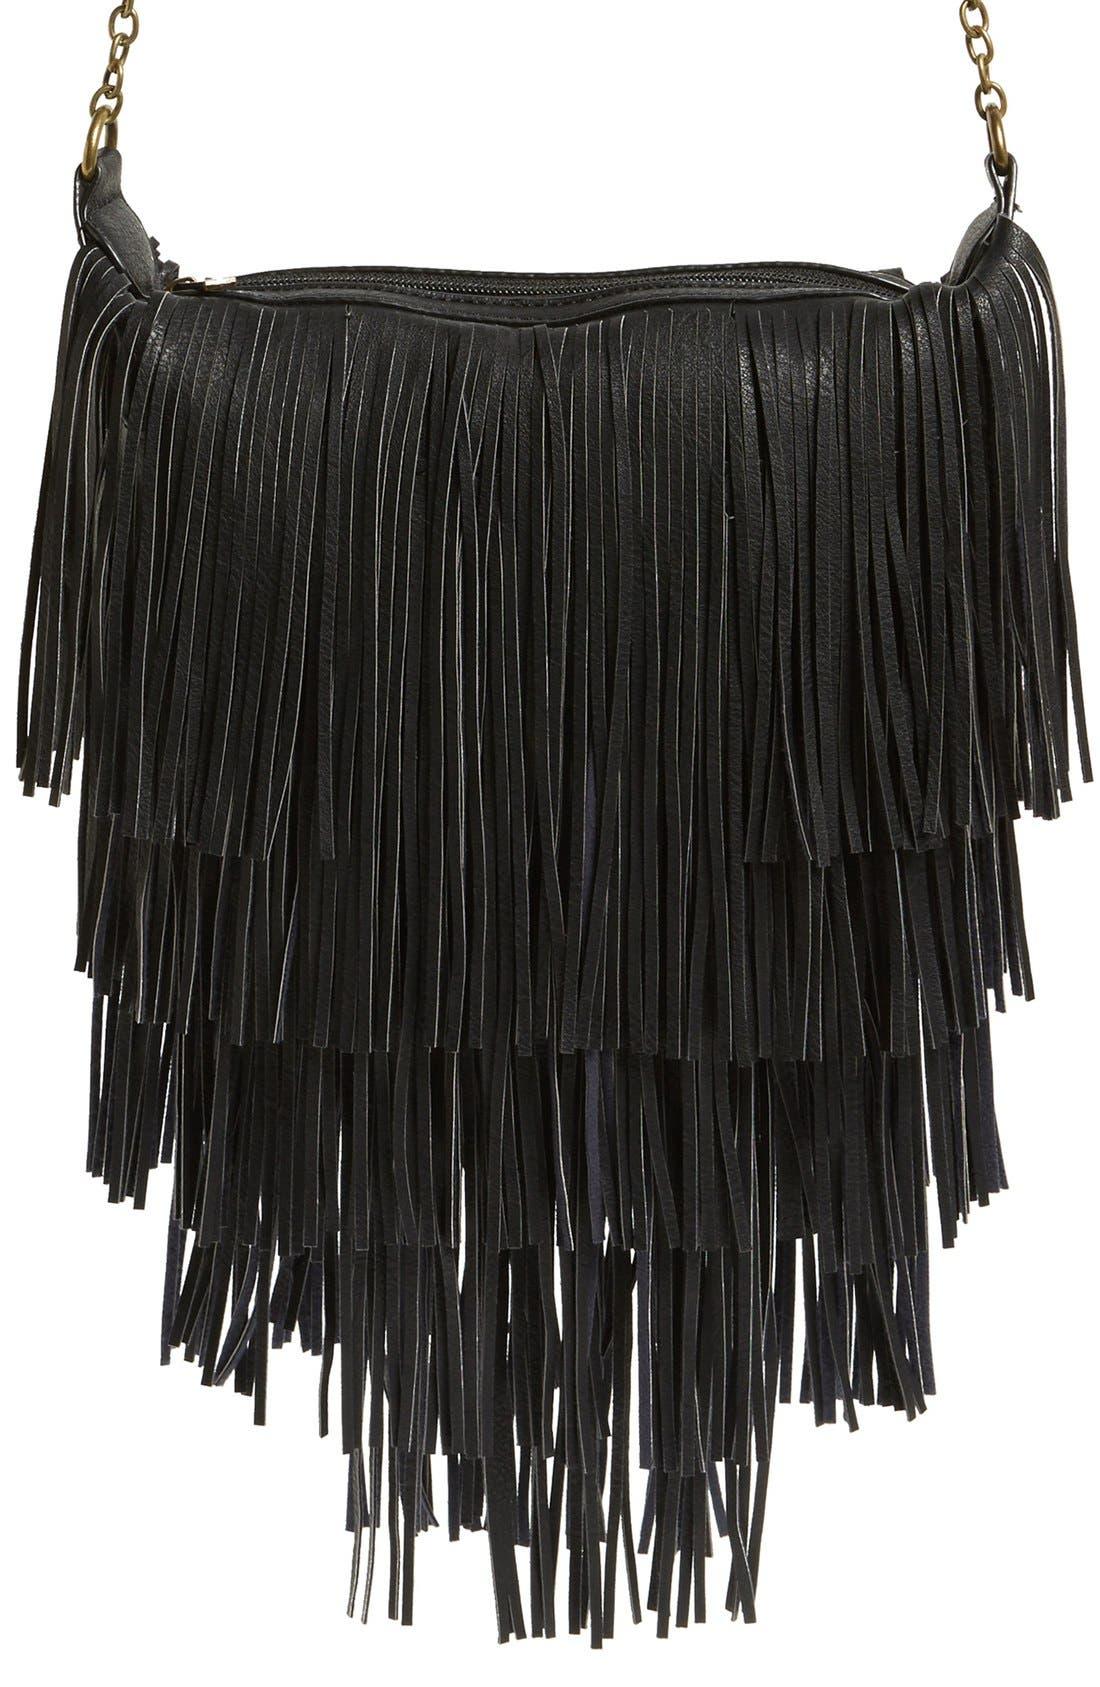 Main Image - NU-G 'Boho Fringe' Crossbody Bag